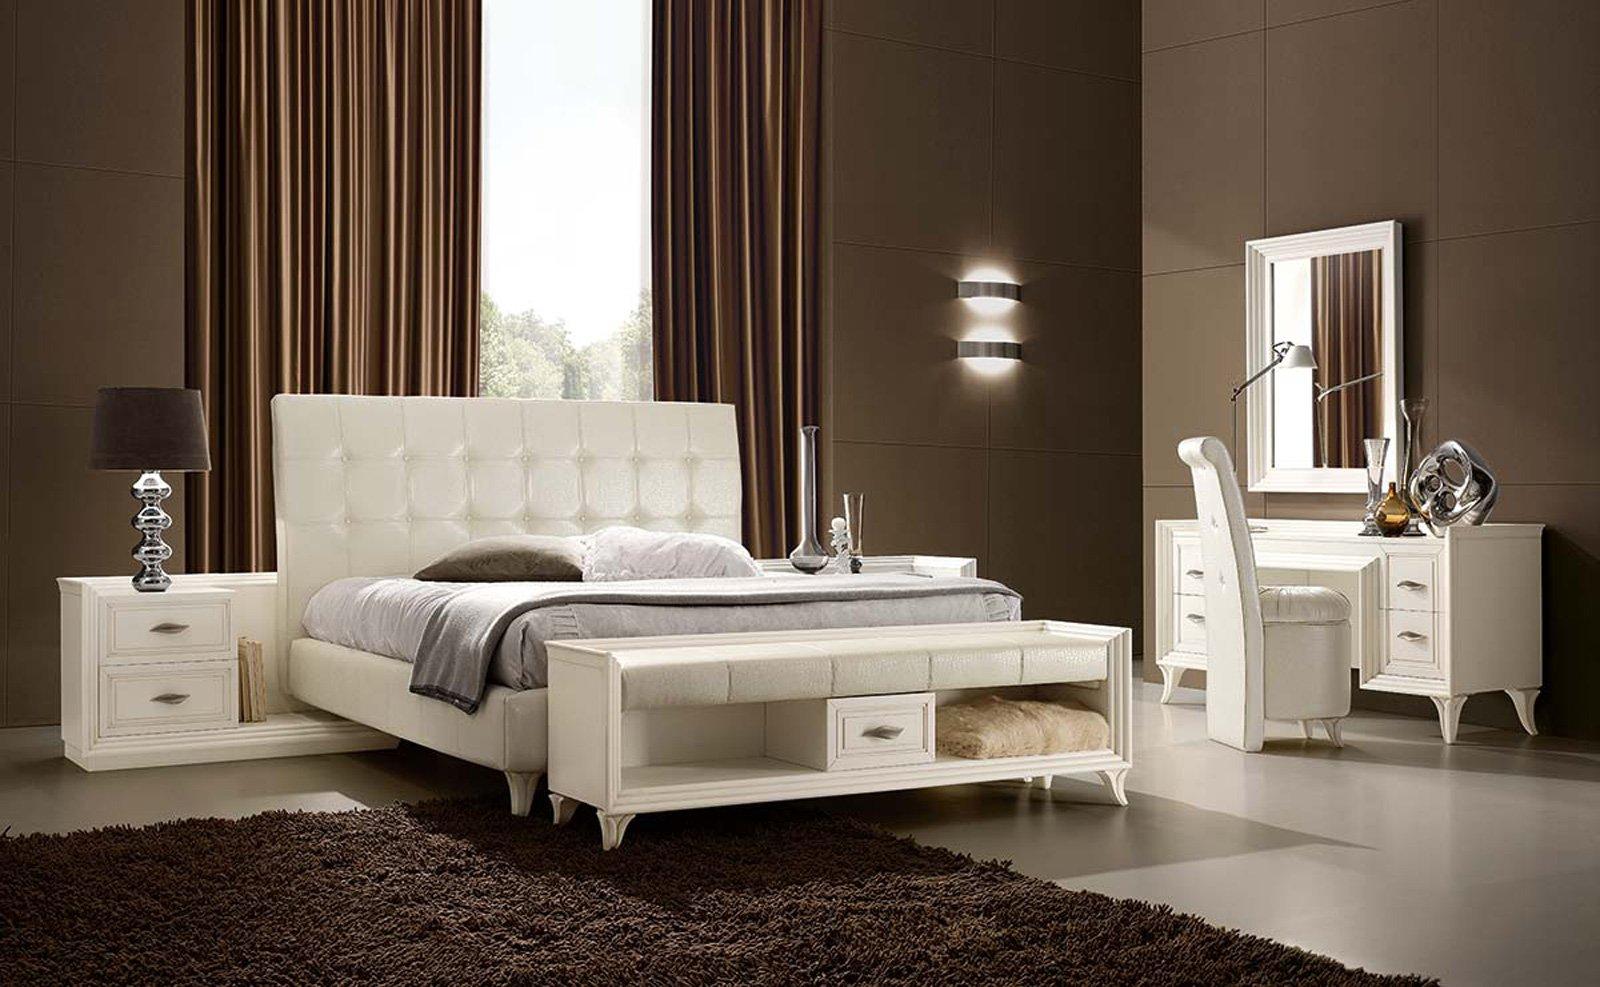 Panche per il soggiorno o per la camera cose di casa - Panche da camera da letto ...